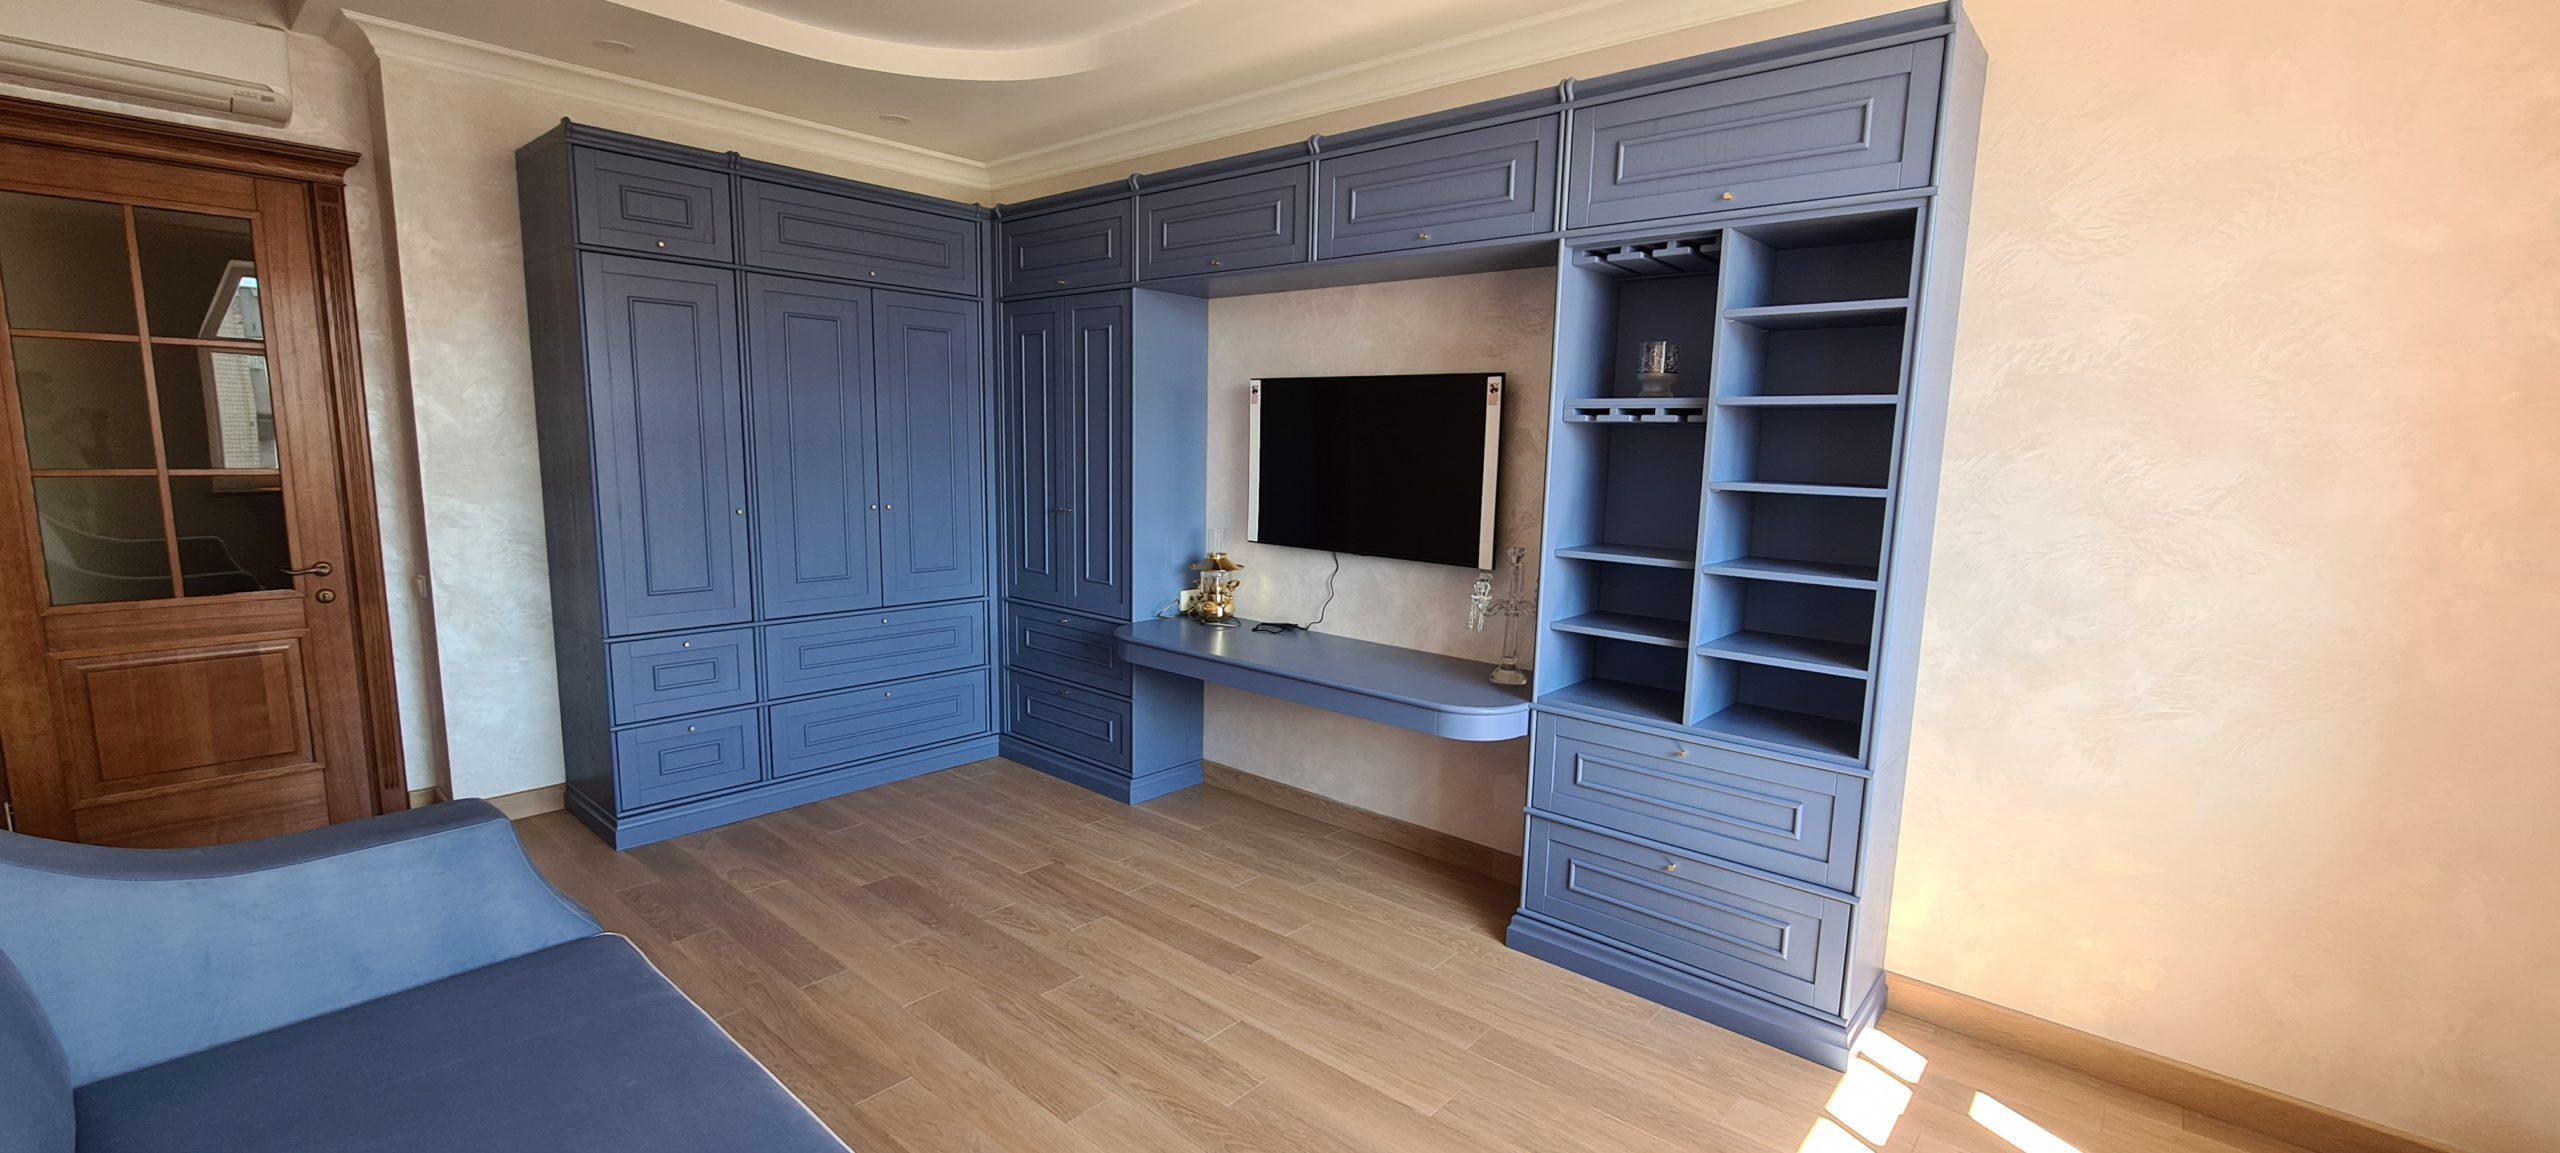 Кухня под ключ Soft Kitchen - фото 47